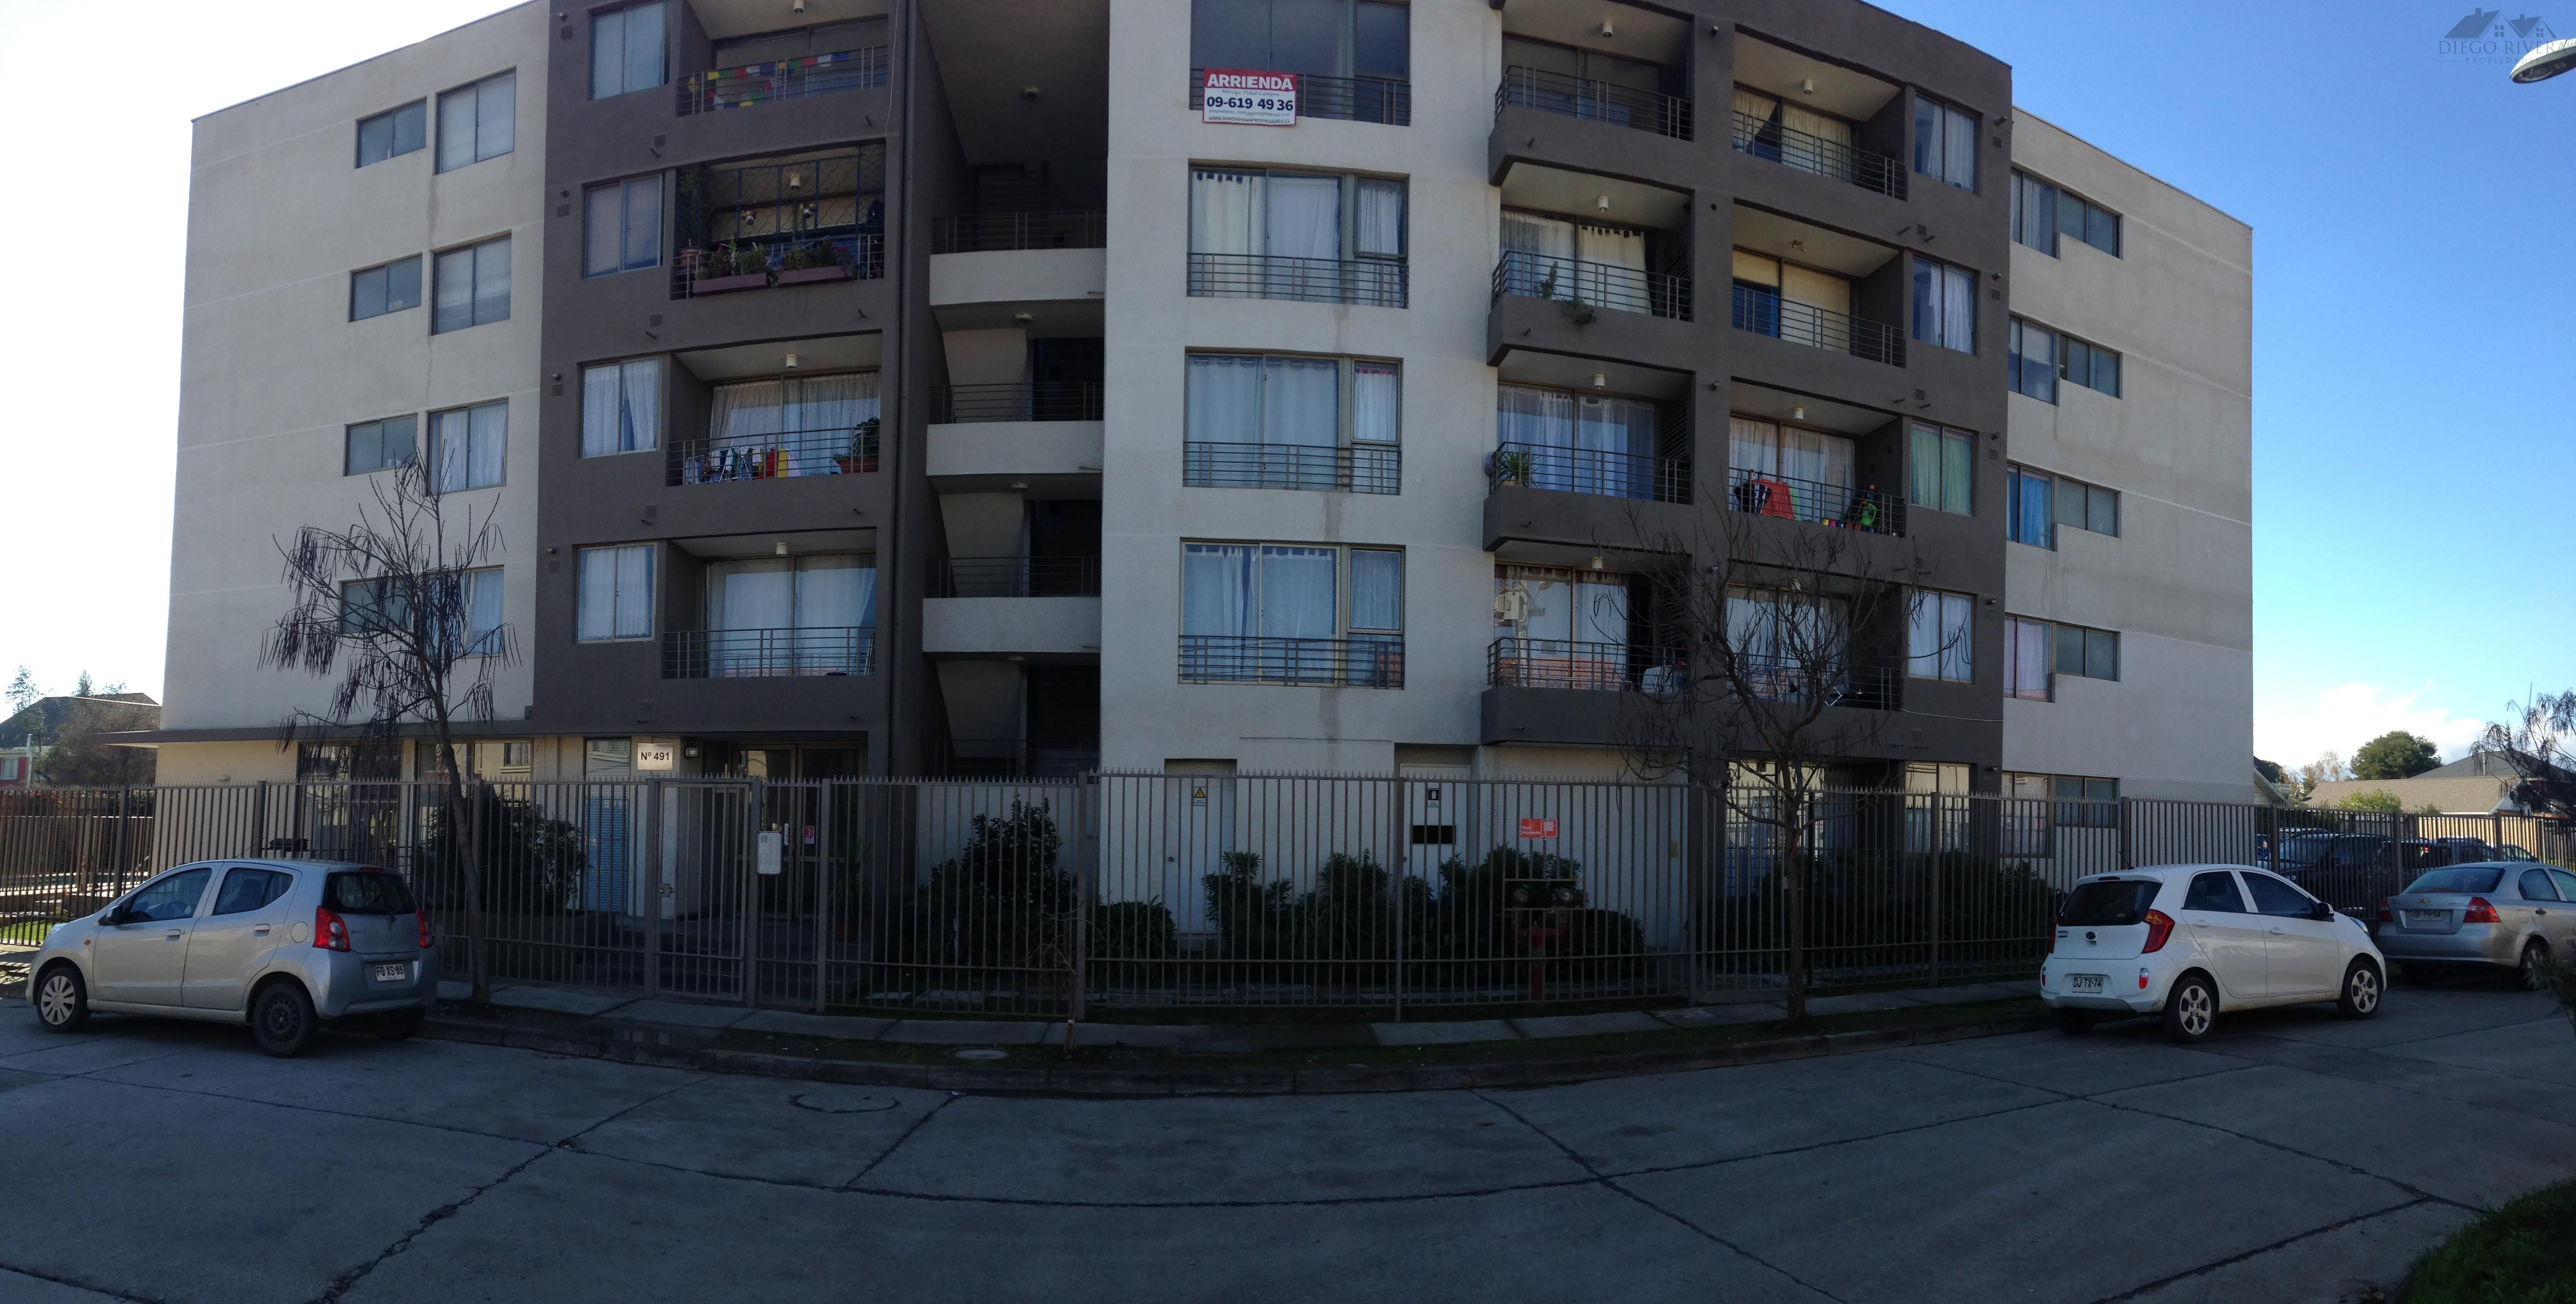 Arriendo Departamento Condominio Puertas Don Vicente